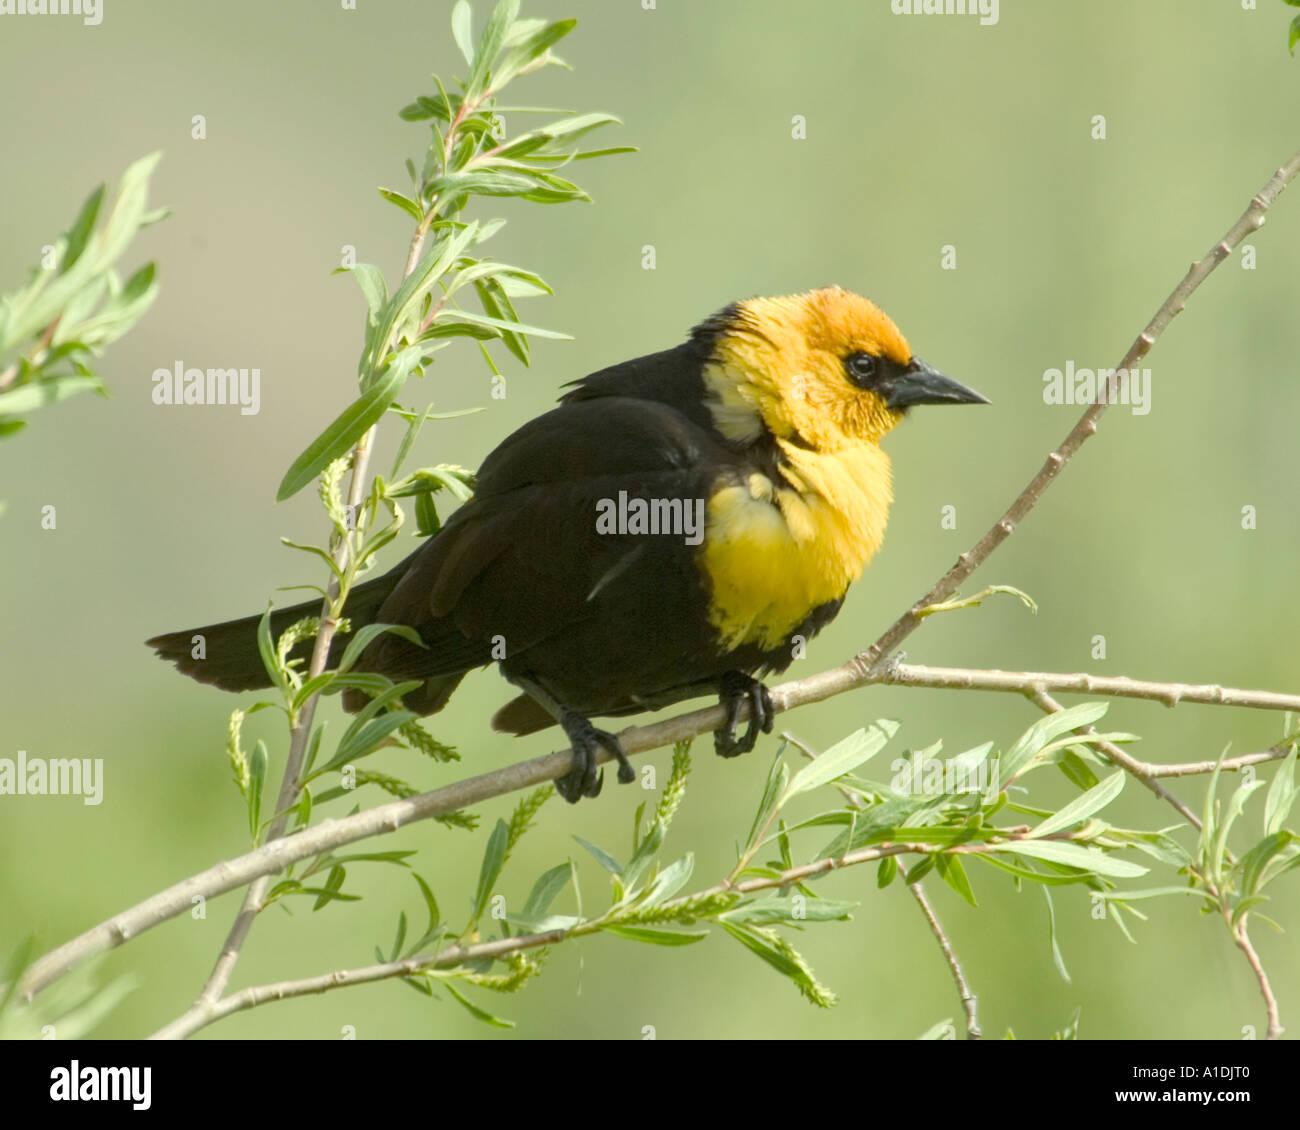 yellow head black bird feathers spring song bird stock photos